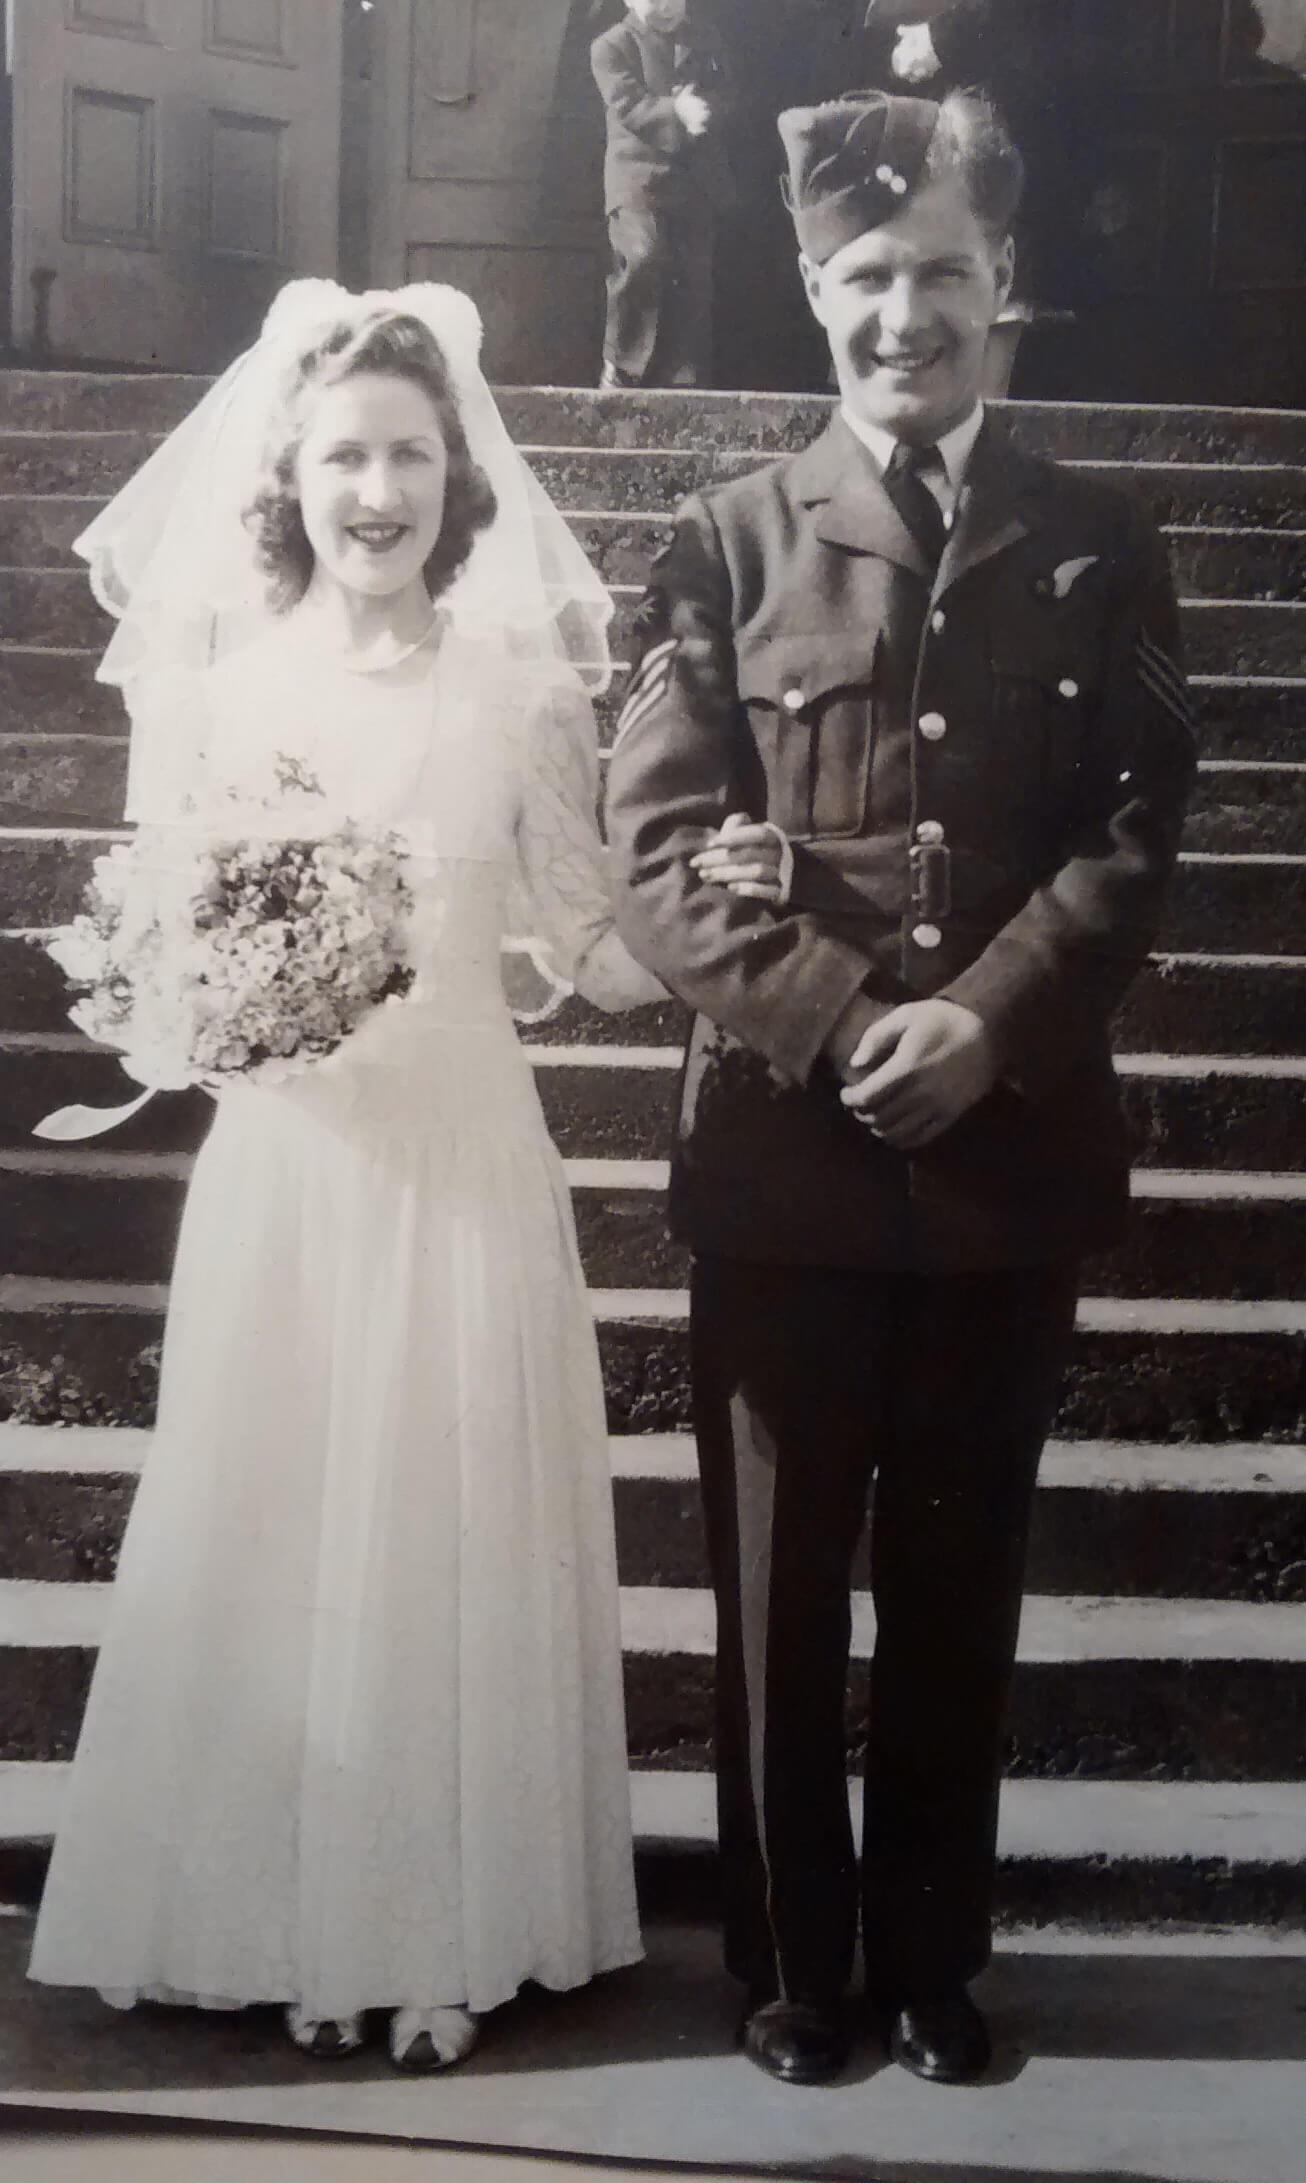 4c -- Bubs Freeman marries RCAF Airman Norman MacDonaldonleave1942.jpg